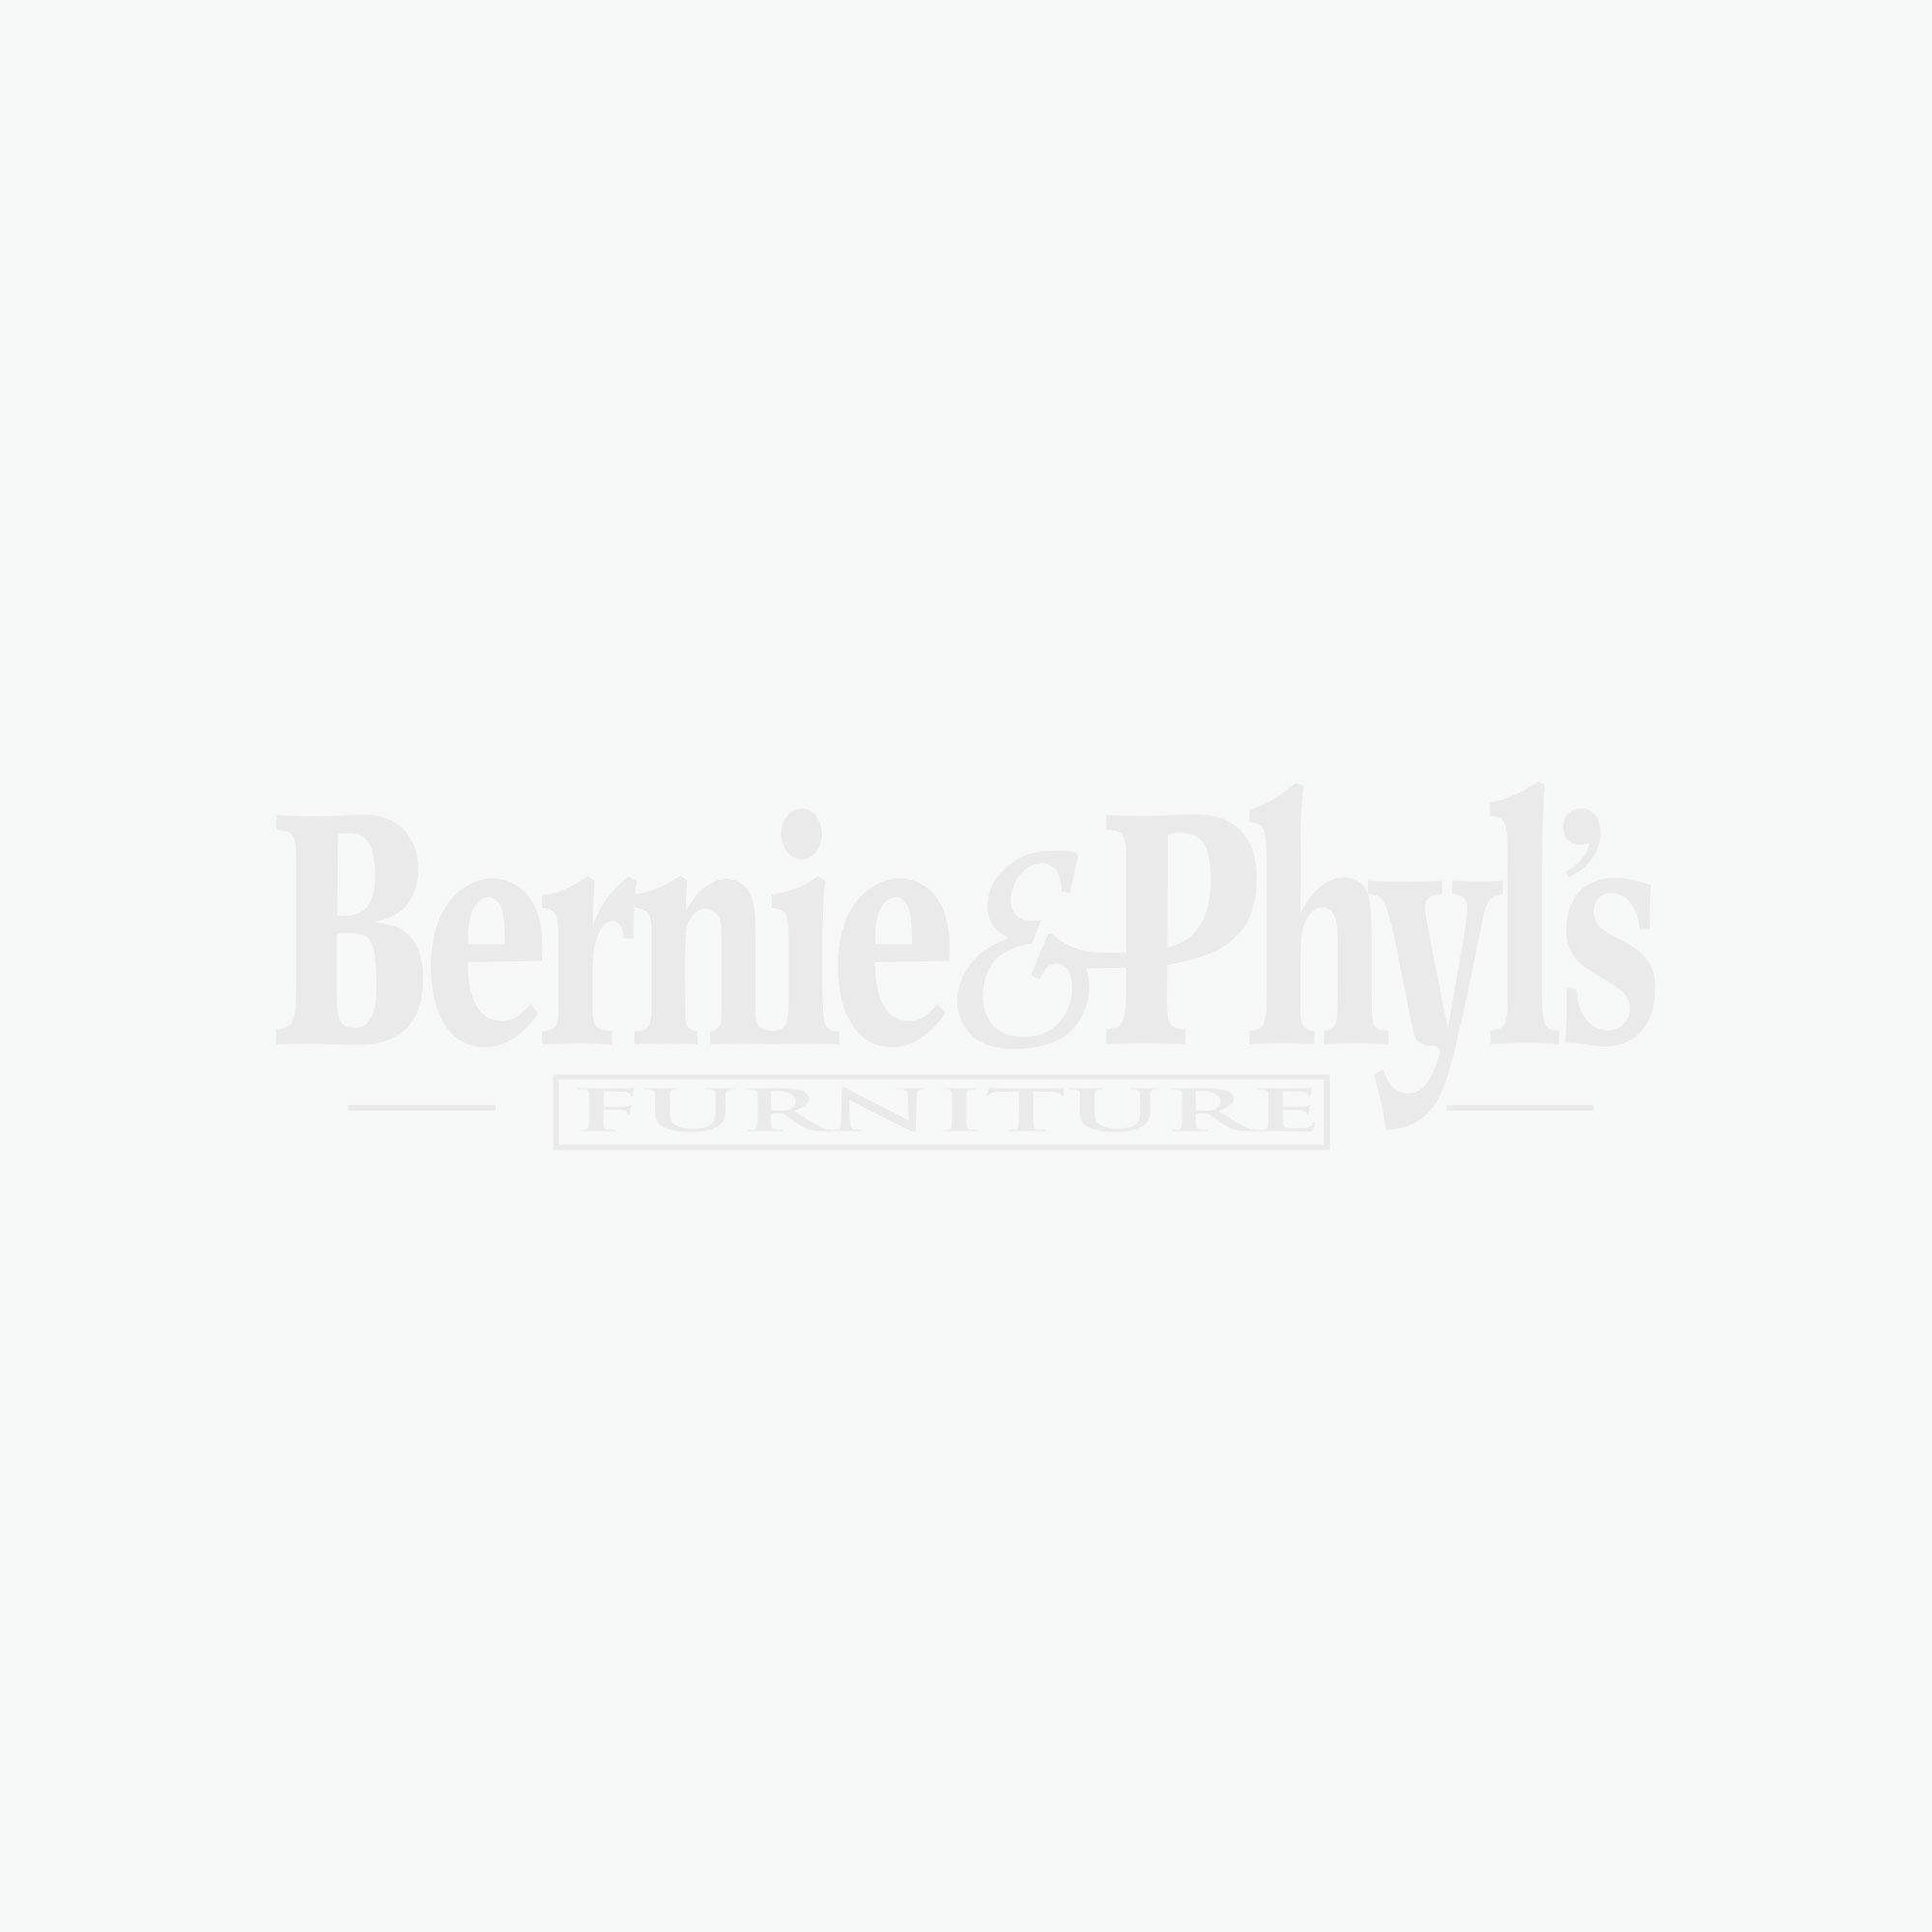 Barnburner 4 Merlot Nightstand